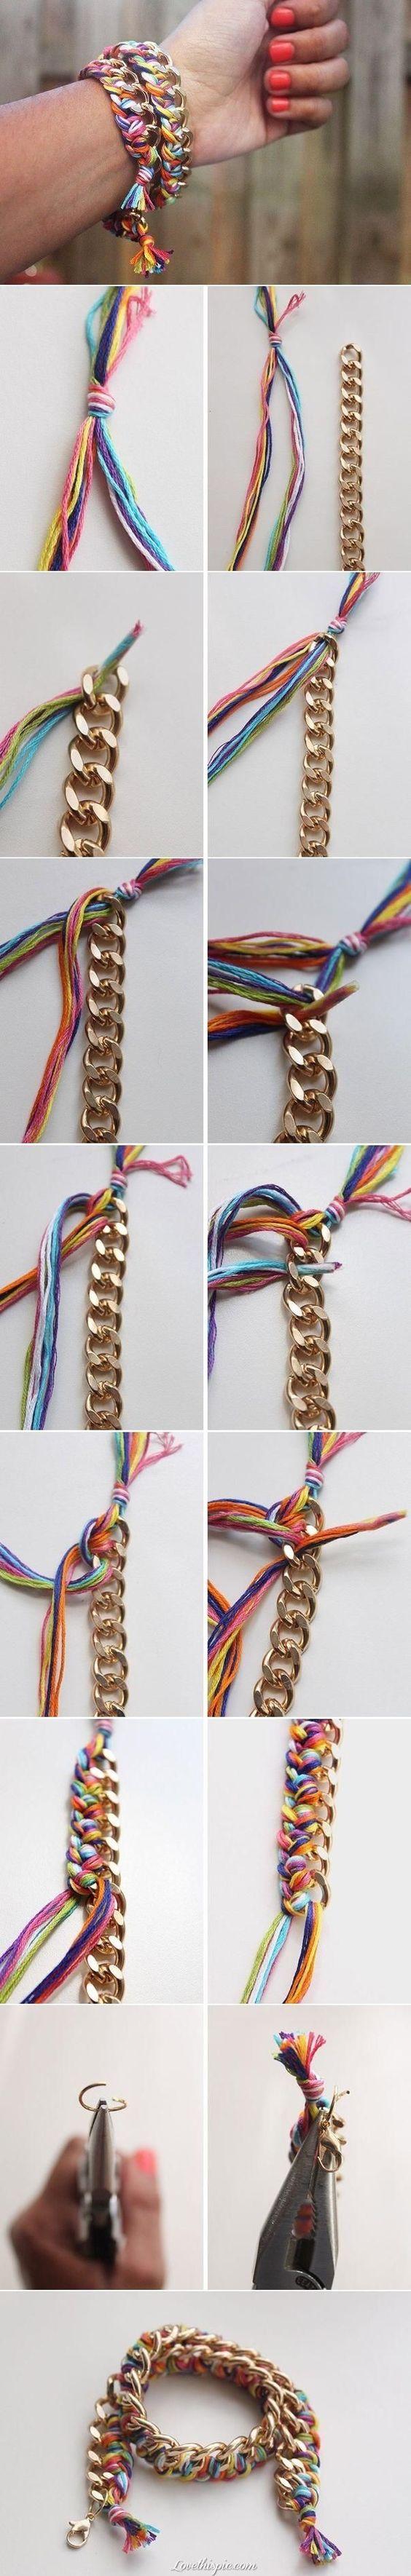 Tendance Bracelets DIY Colorful Summer Bracelet flowers bracelet diy crafts home made easy crafts